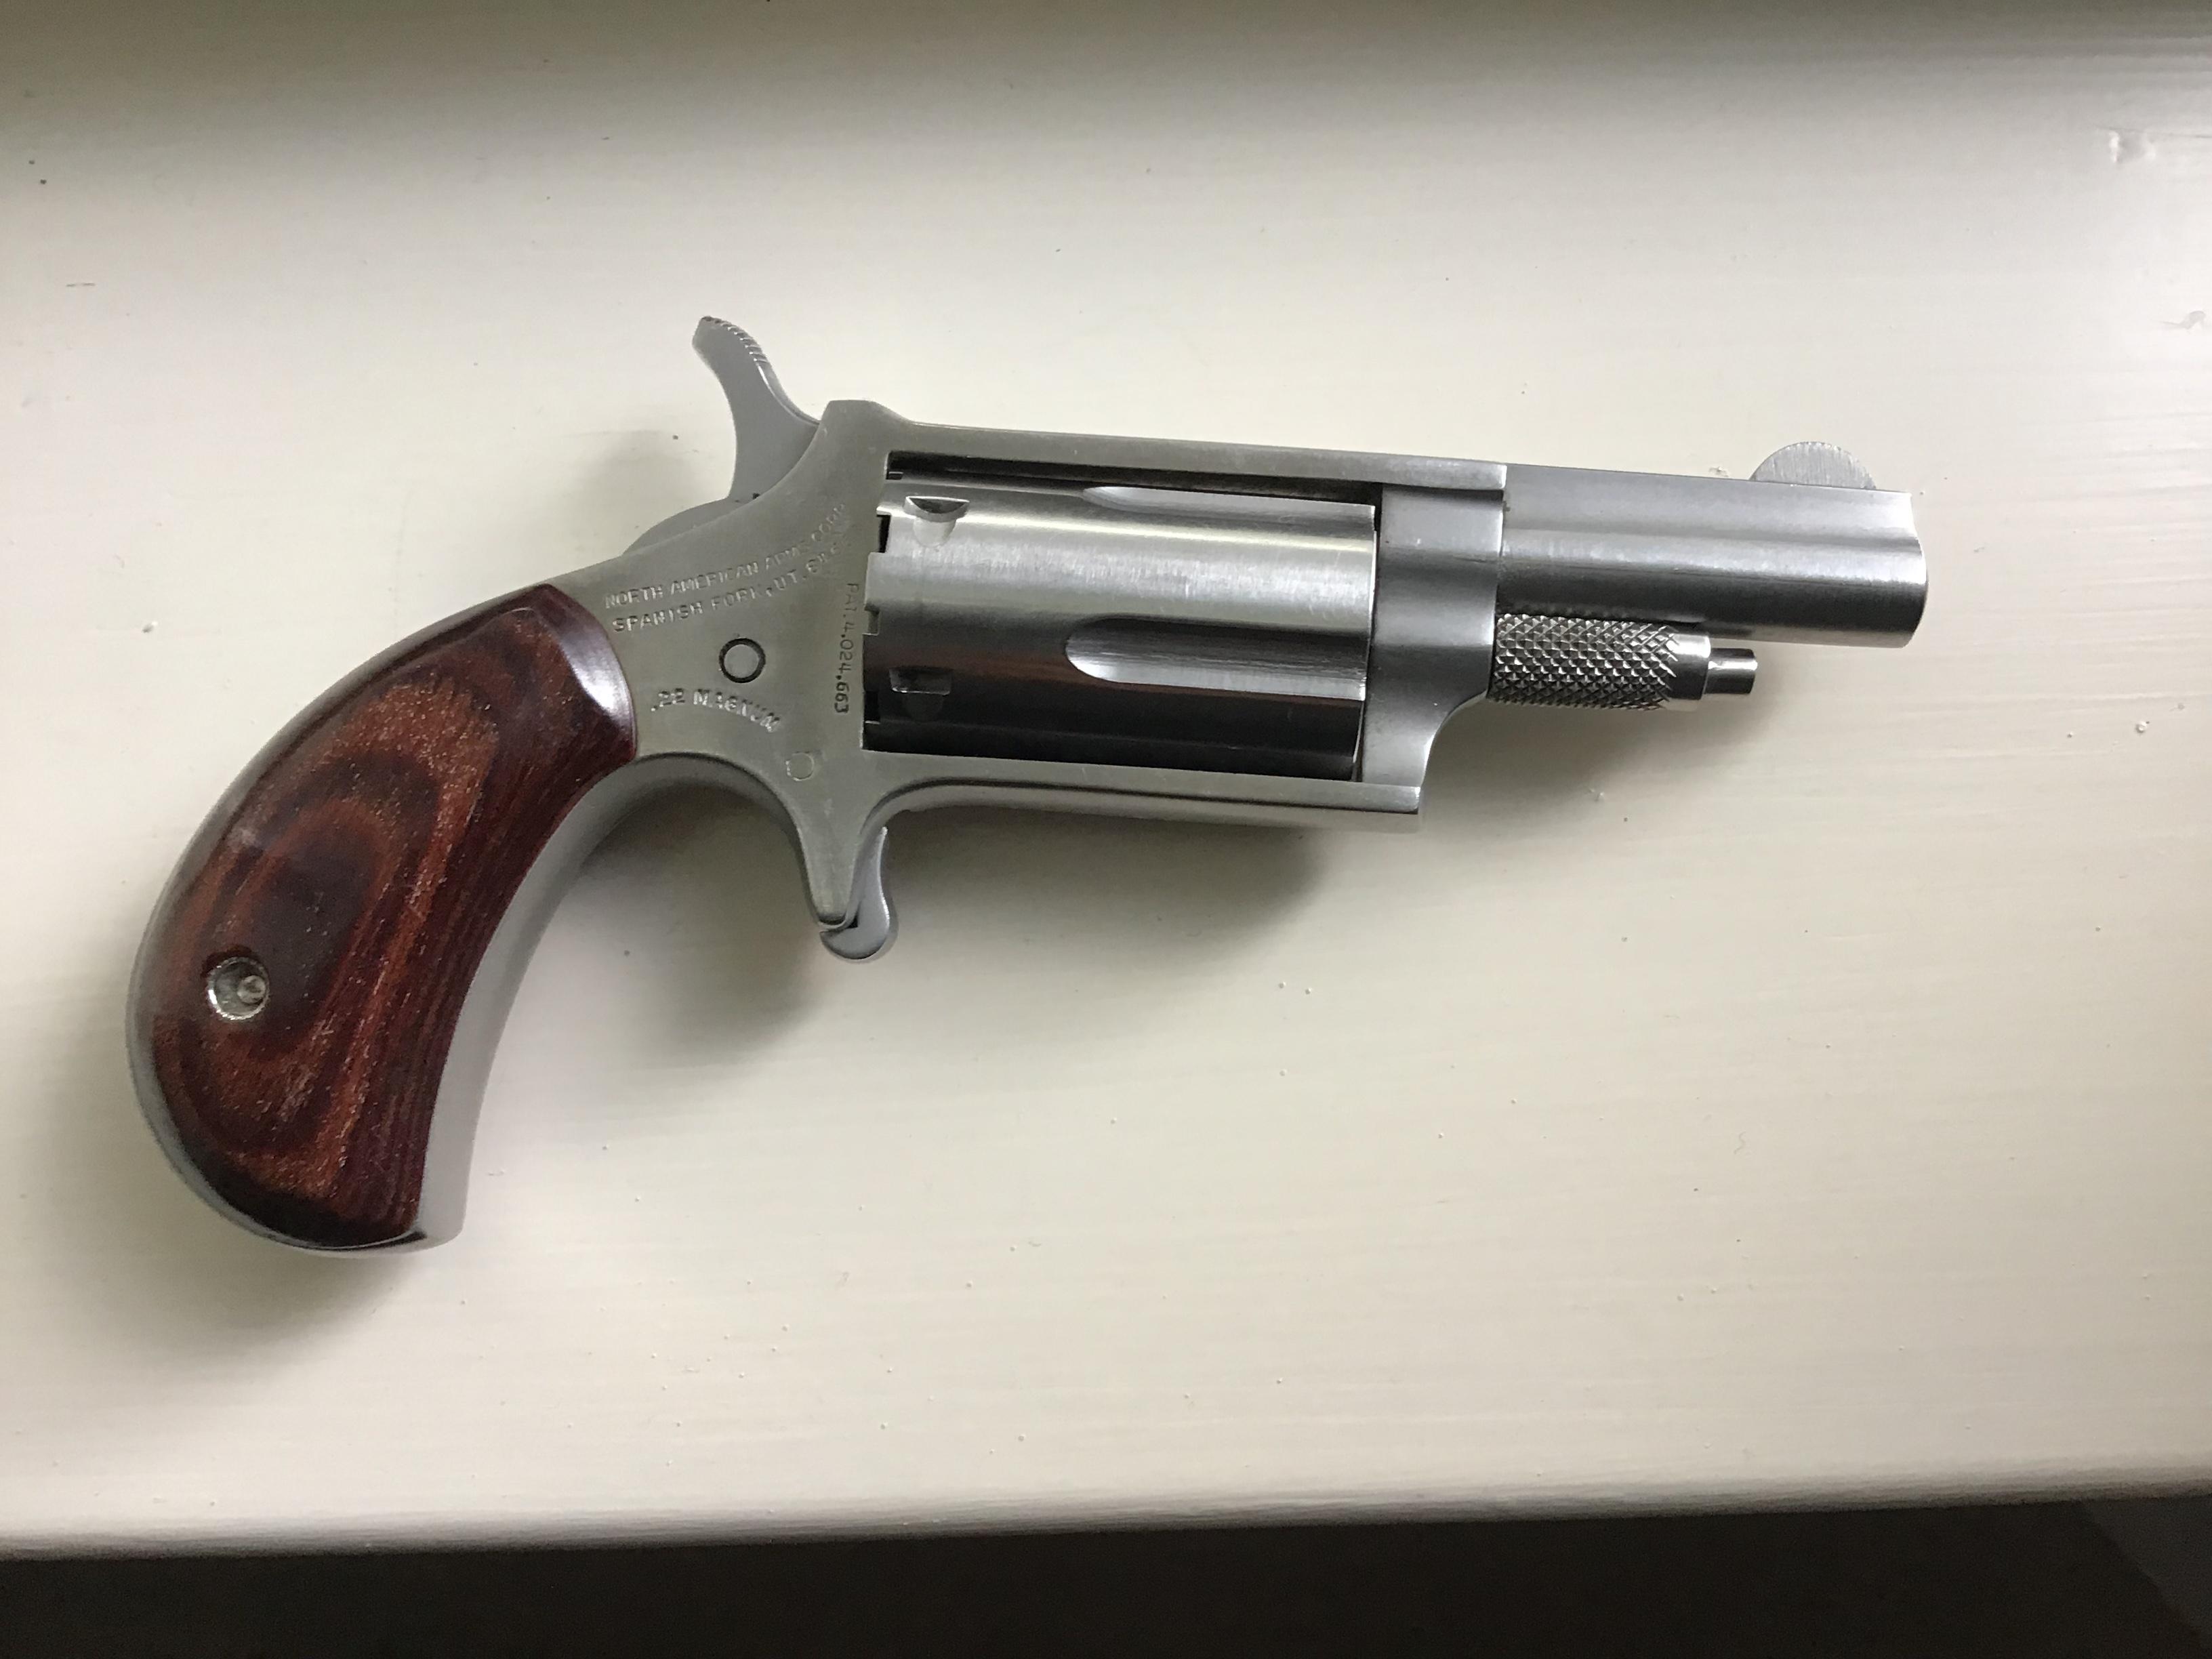 Revolvers-806abd6a-f7a1-415f-ae1b-612f89007e96.jpeg